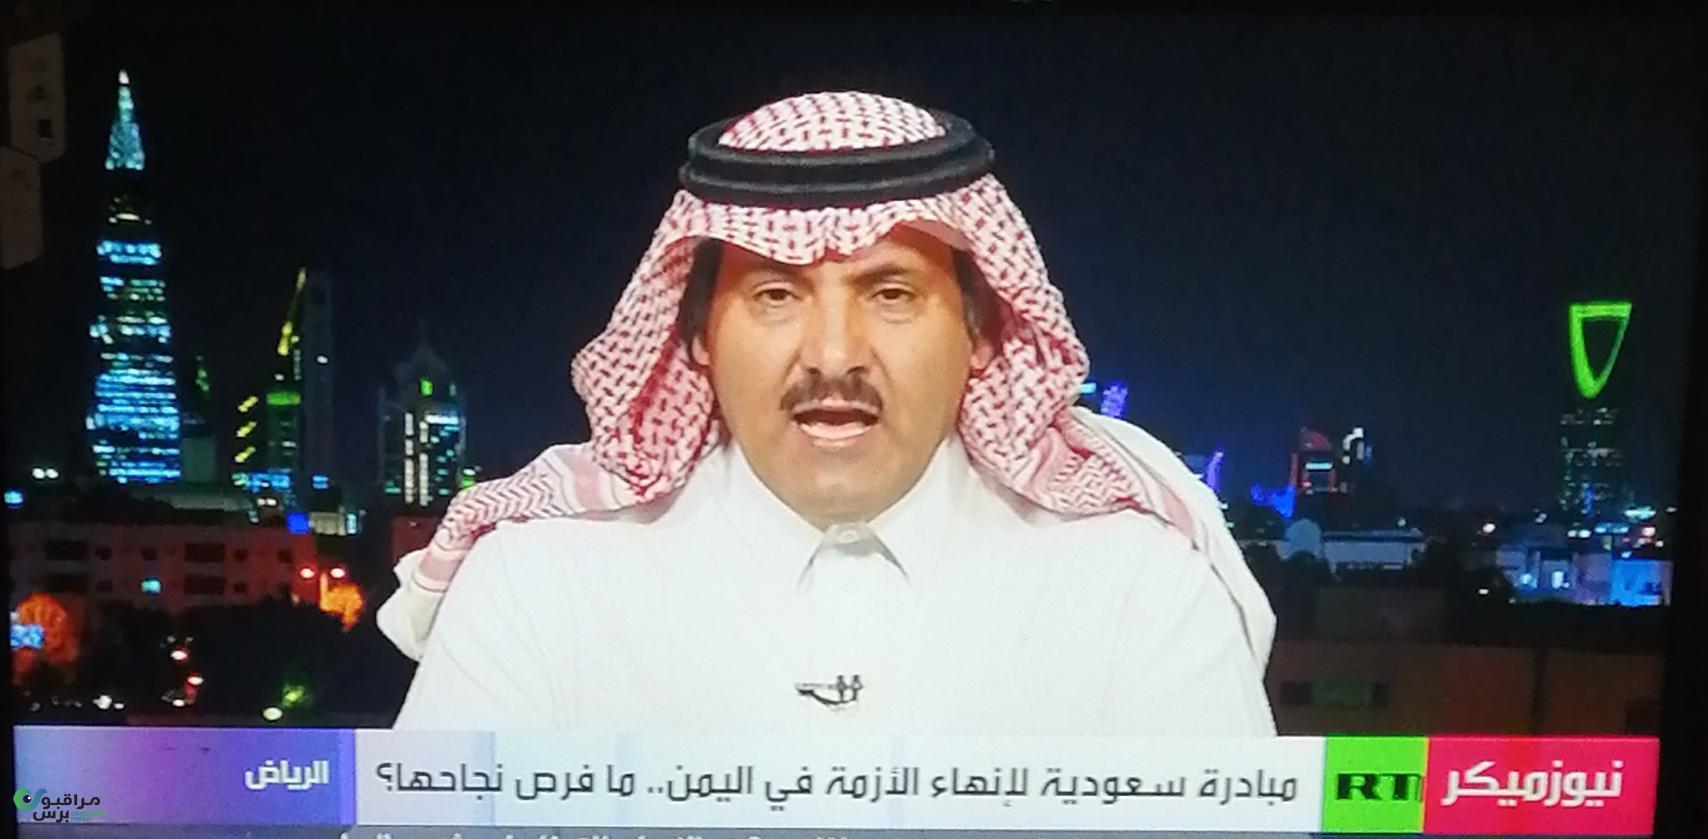 آل جابر يوضح تفاصيل جديدة لمبادرة وقف الحرب باليمن وحقيقة لقاءاتهم المباشرة بالحوثيين